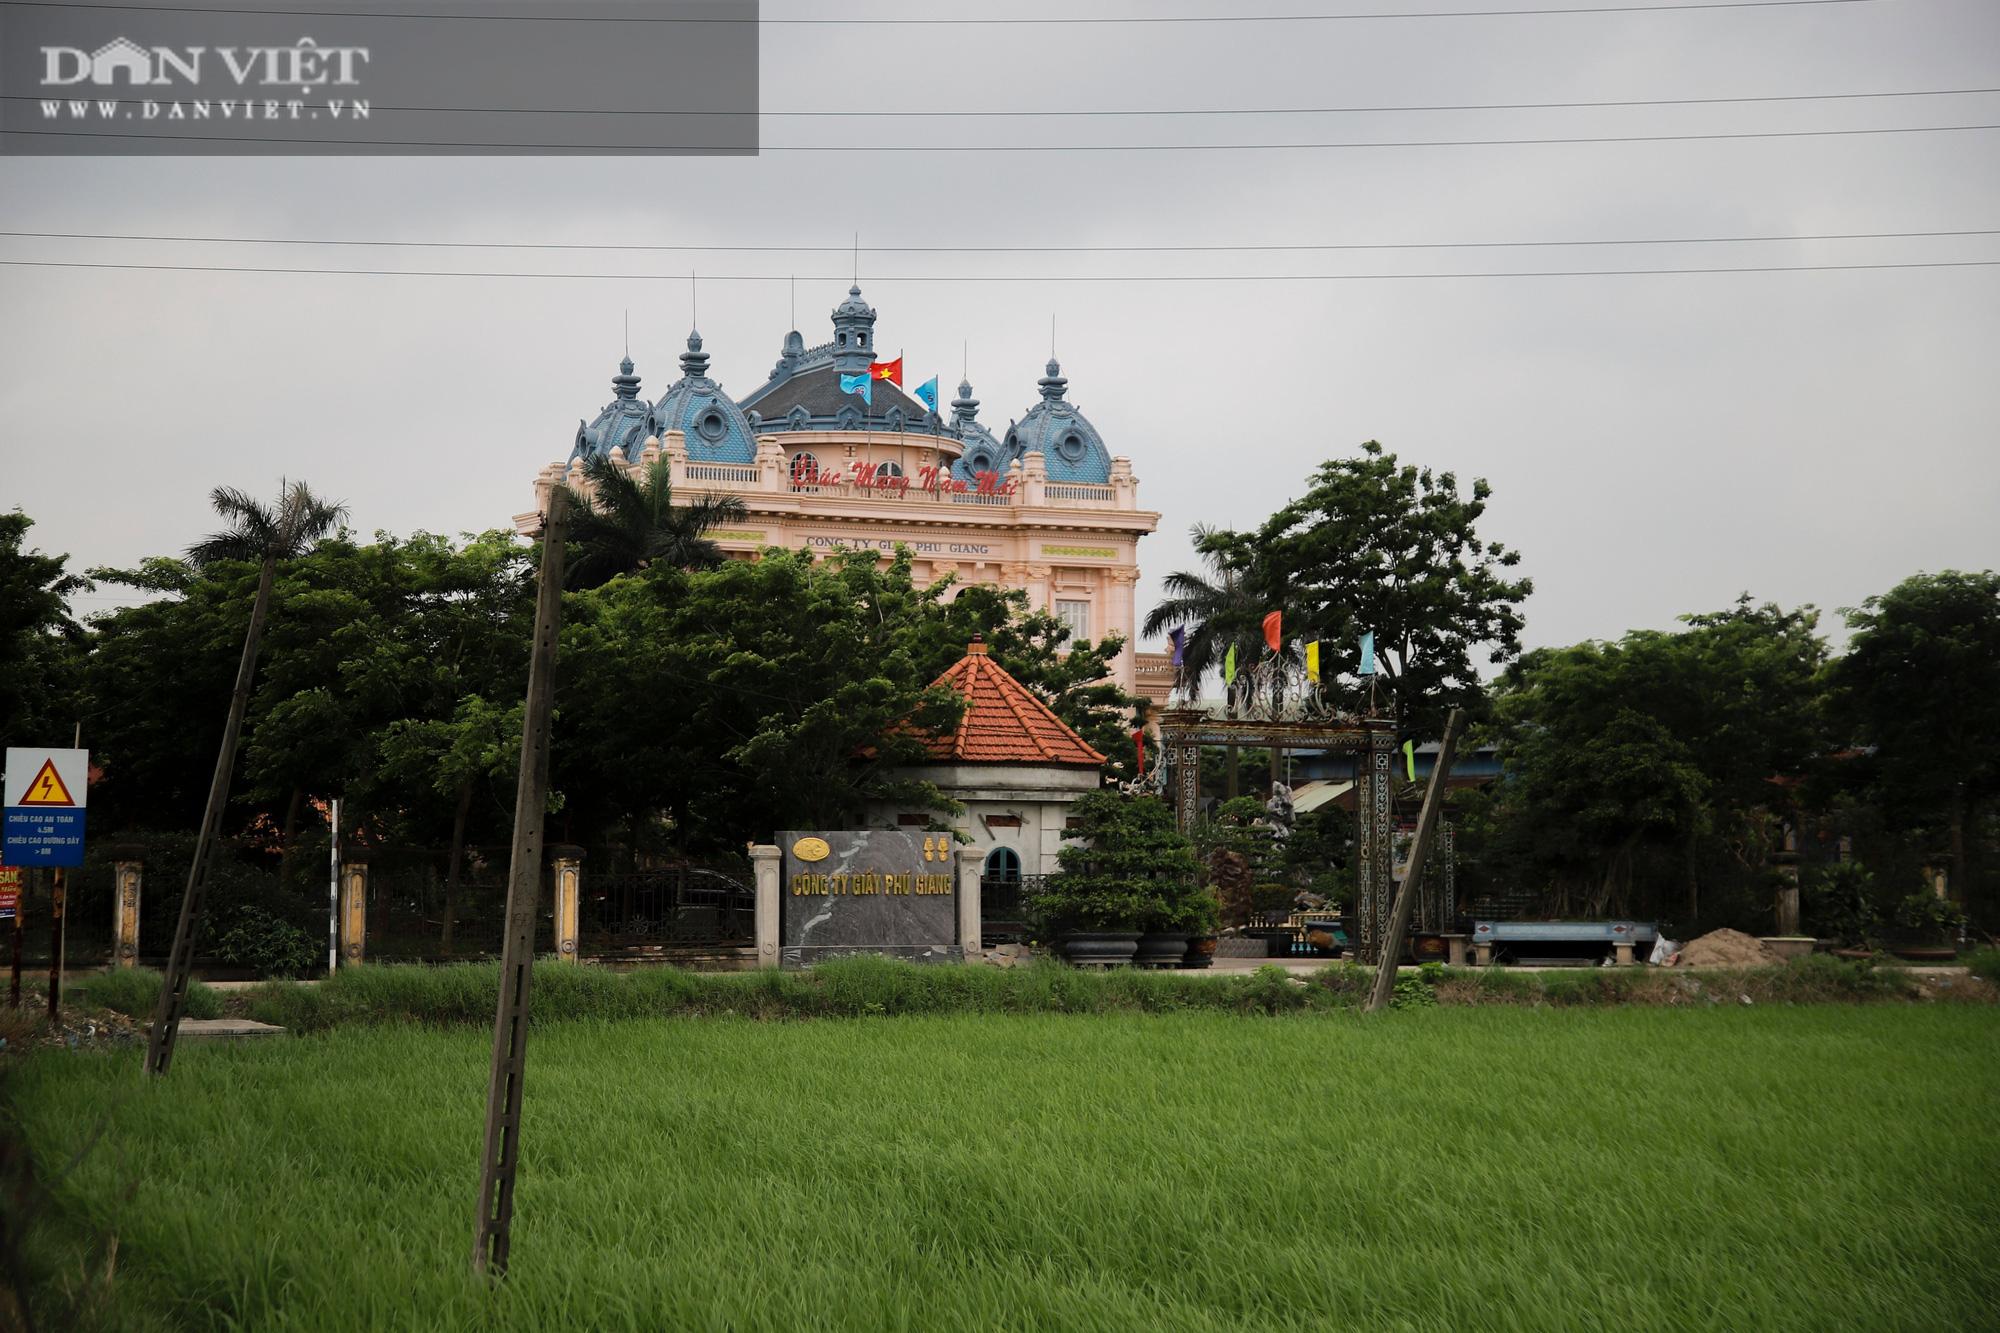 Ám ảnh khủng khiếp ở làng giấy Phú Lâm: Ô nhiễm đến con ruồi cũng không sống nổi, công nhân bán mòn sức - Ảnh 11.